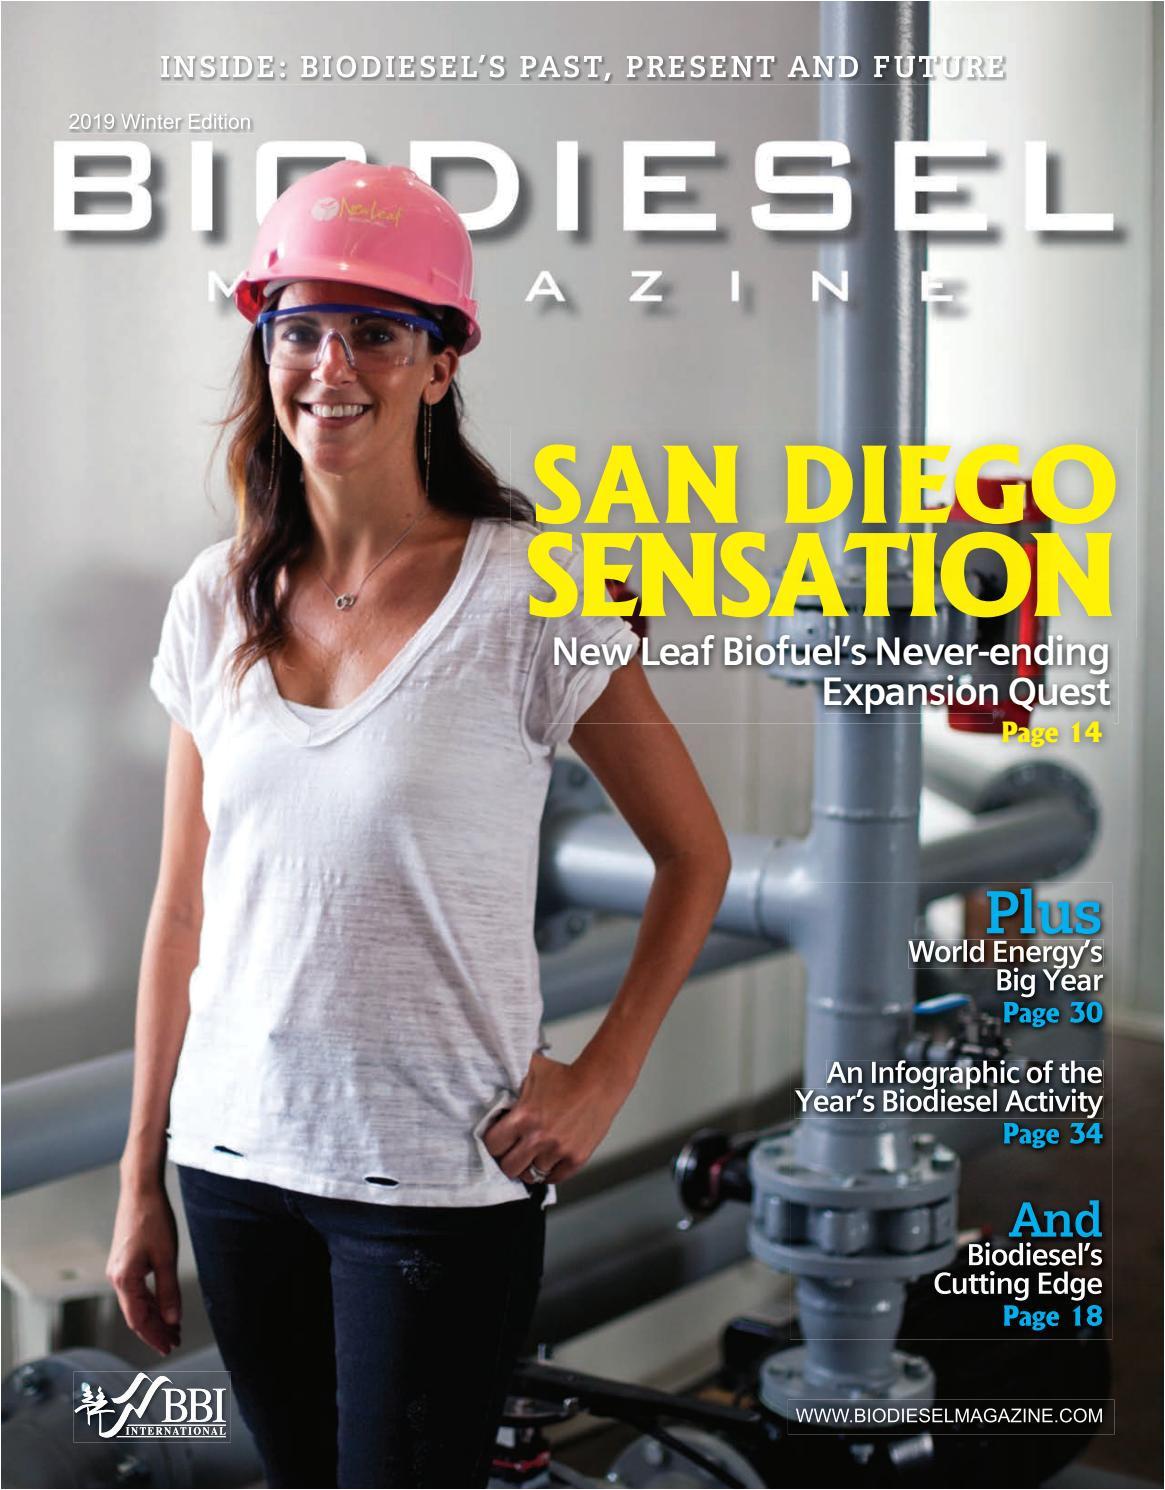 2019 winter biodiesel magazine biodiesel industry directory by bbi international issuu